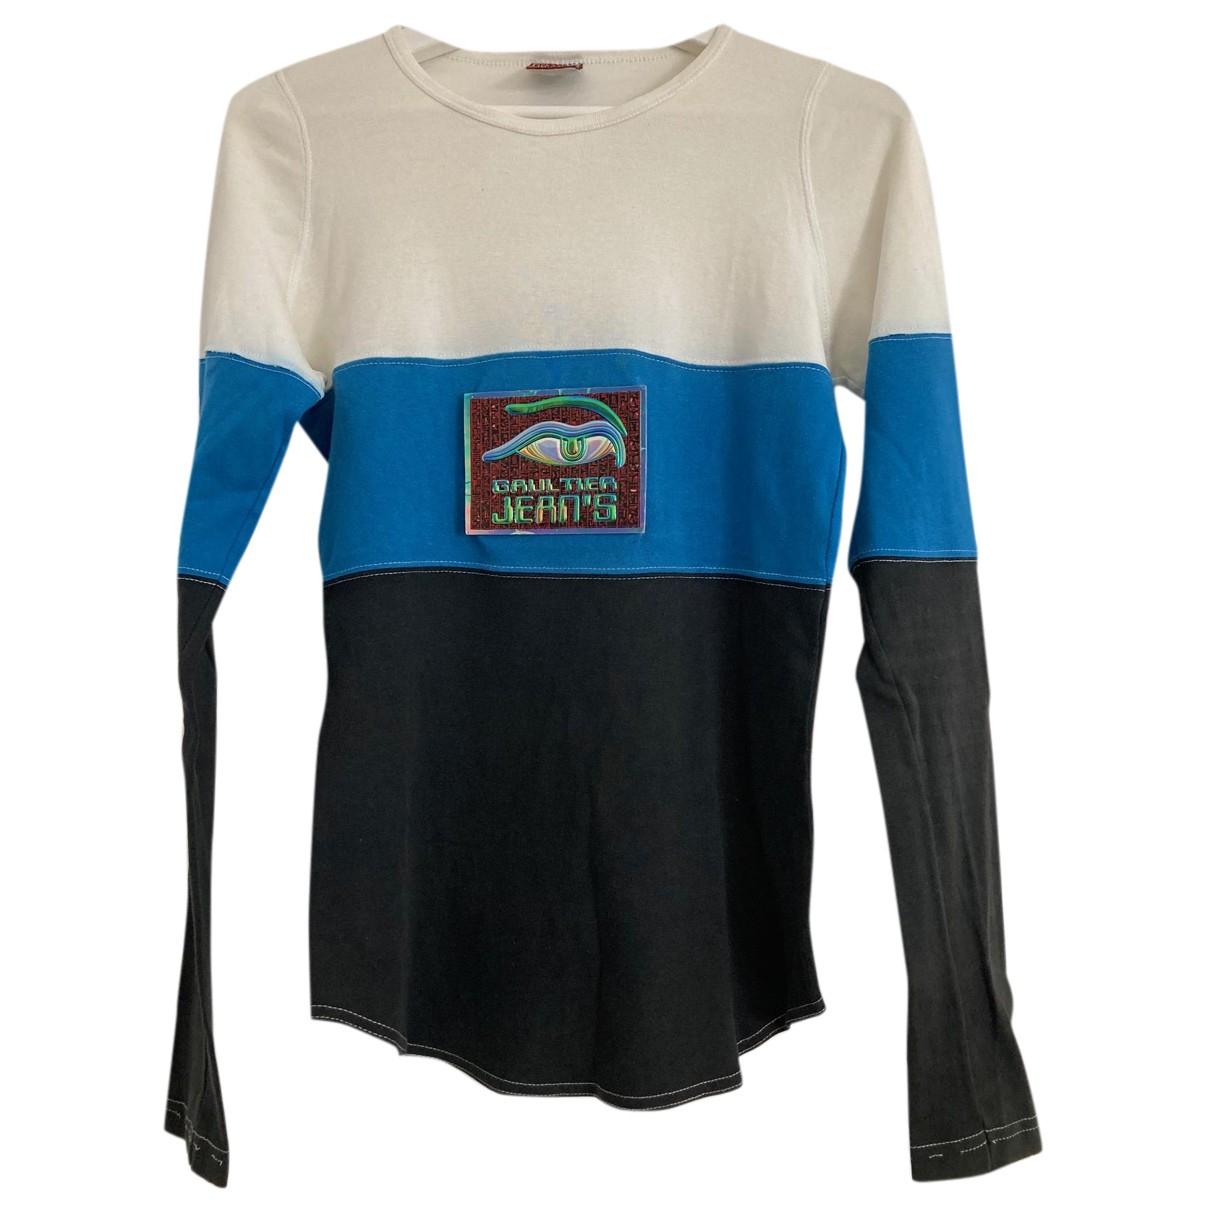 Jean Paul Gaultier - Chemises   pour homme en coton - multicolore